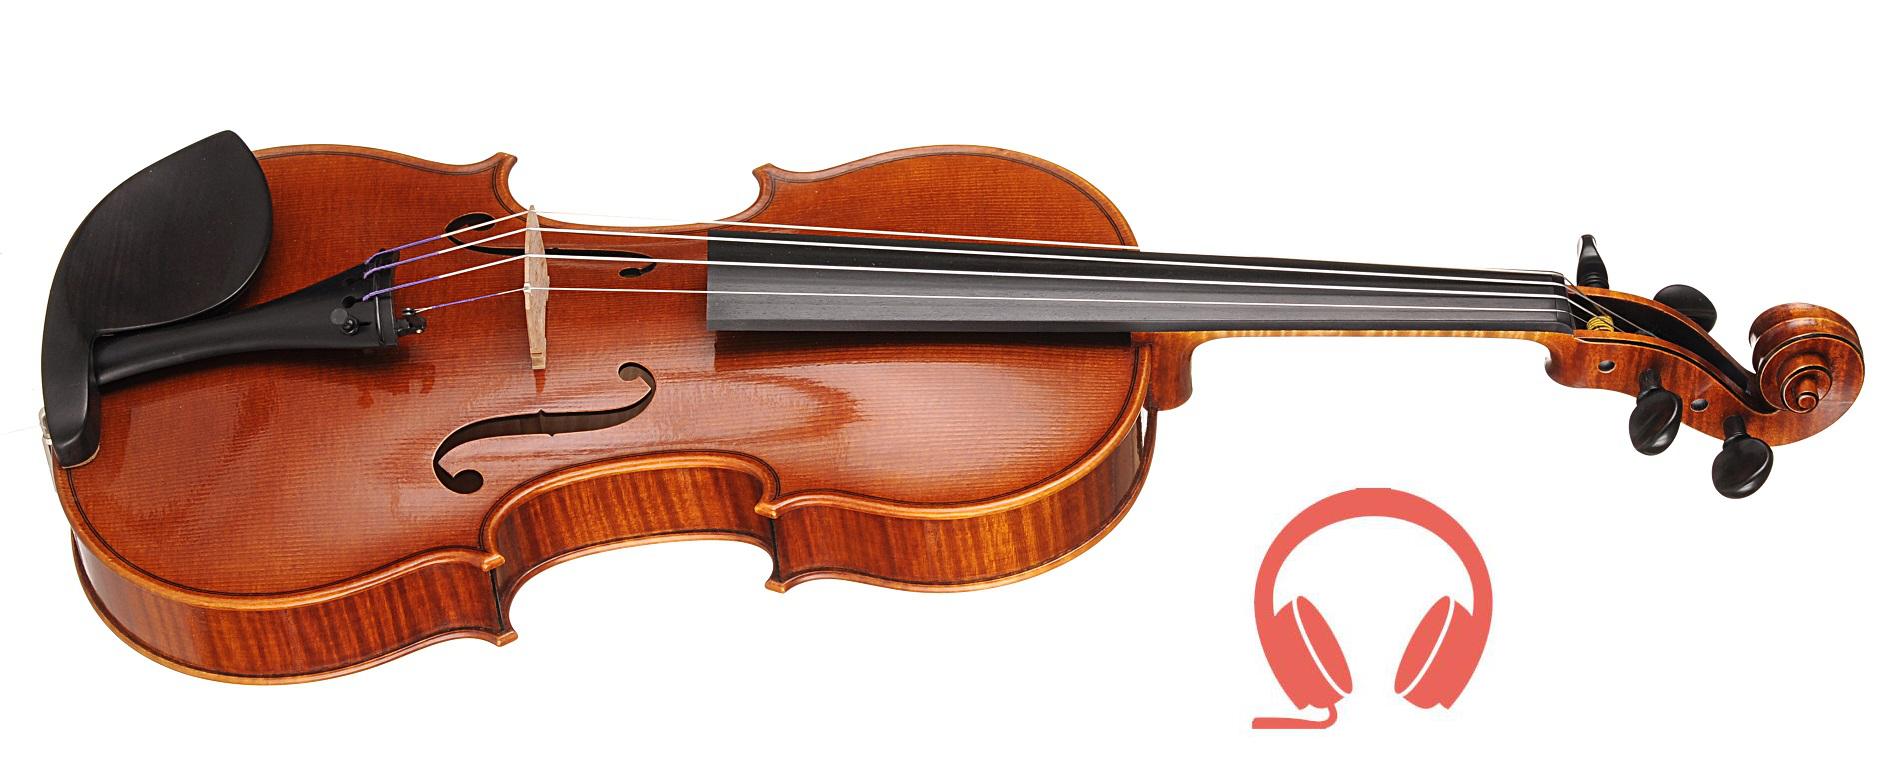 Philippe Mahu (Francja) - III nagroda, skrzypce Tina | nagranie audio binauralne, sala kameralna | 13. Międzynarodowy Konkurs Lutniczy im. H. Wieniawskiego (2016)